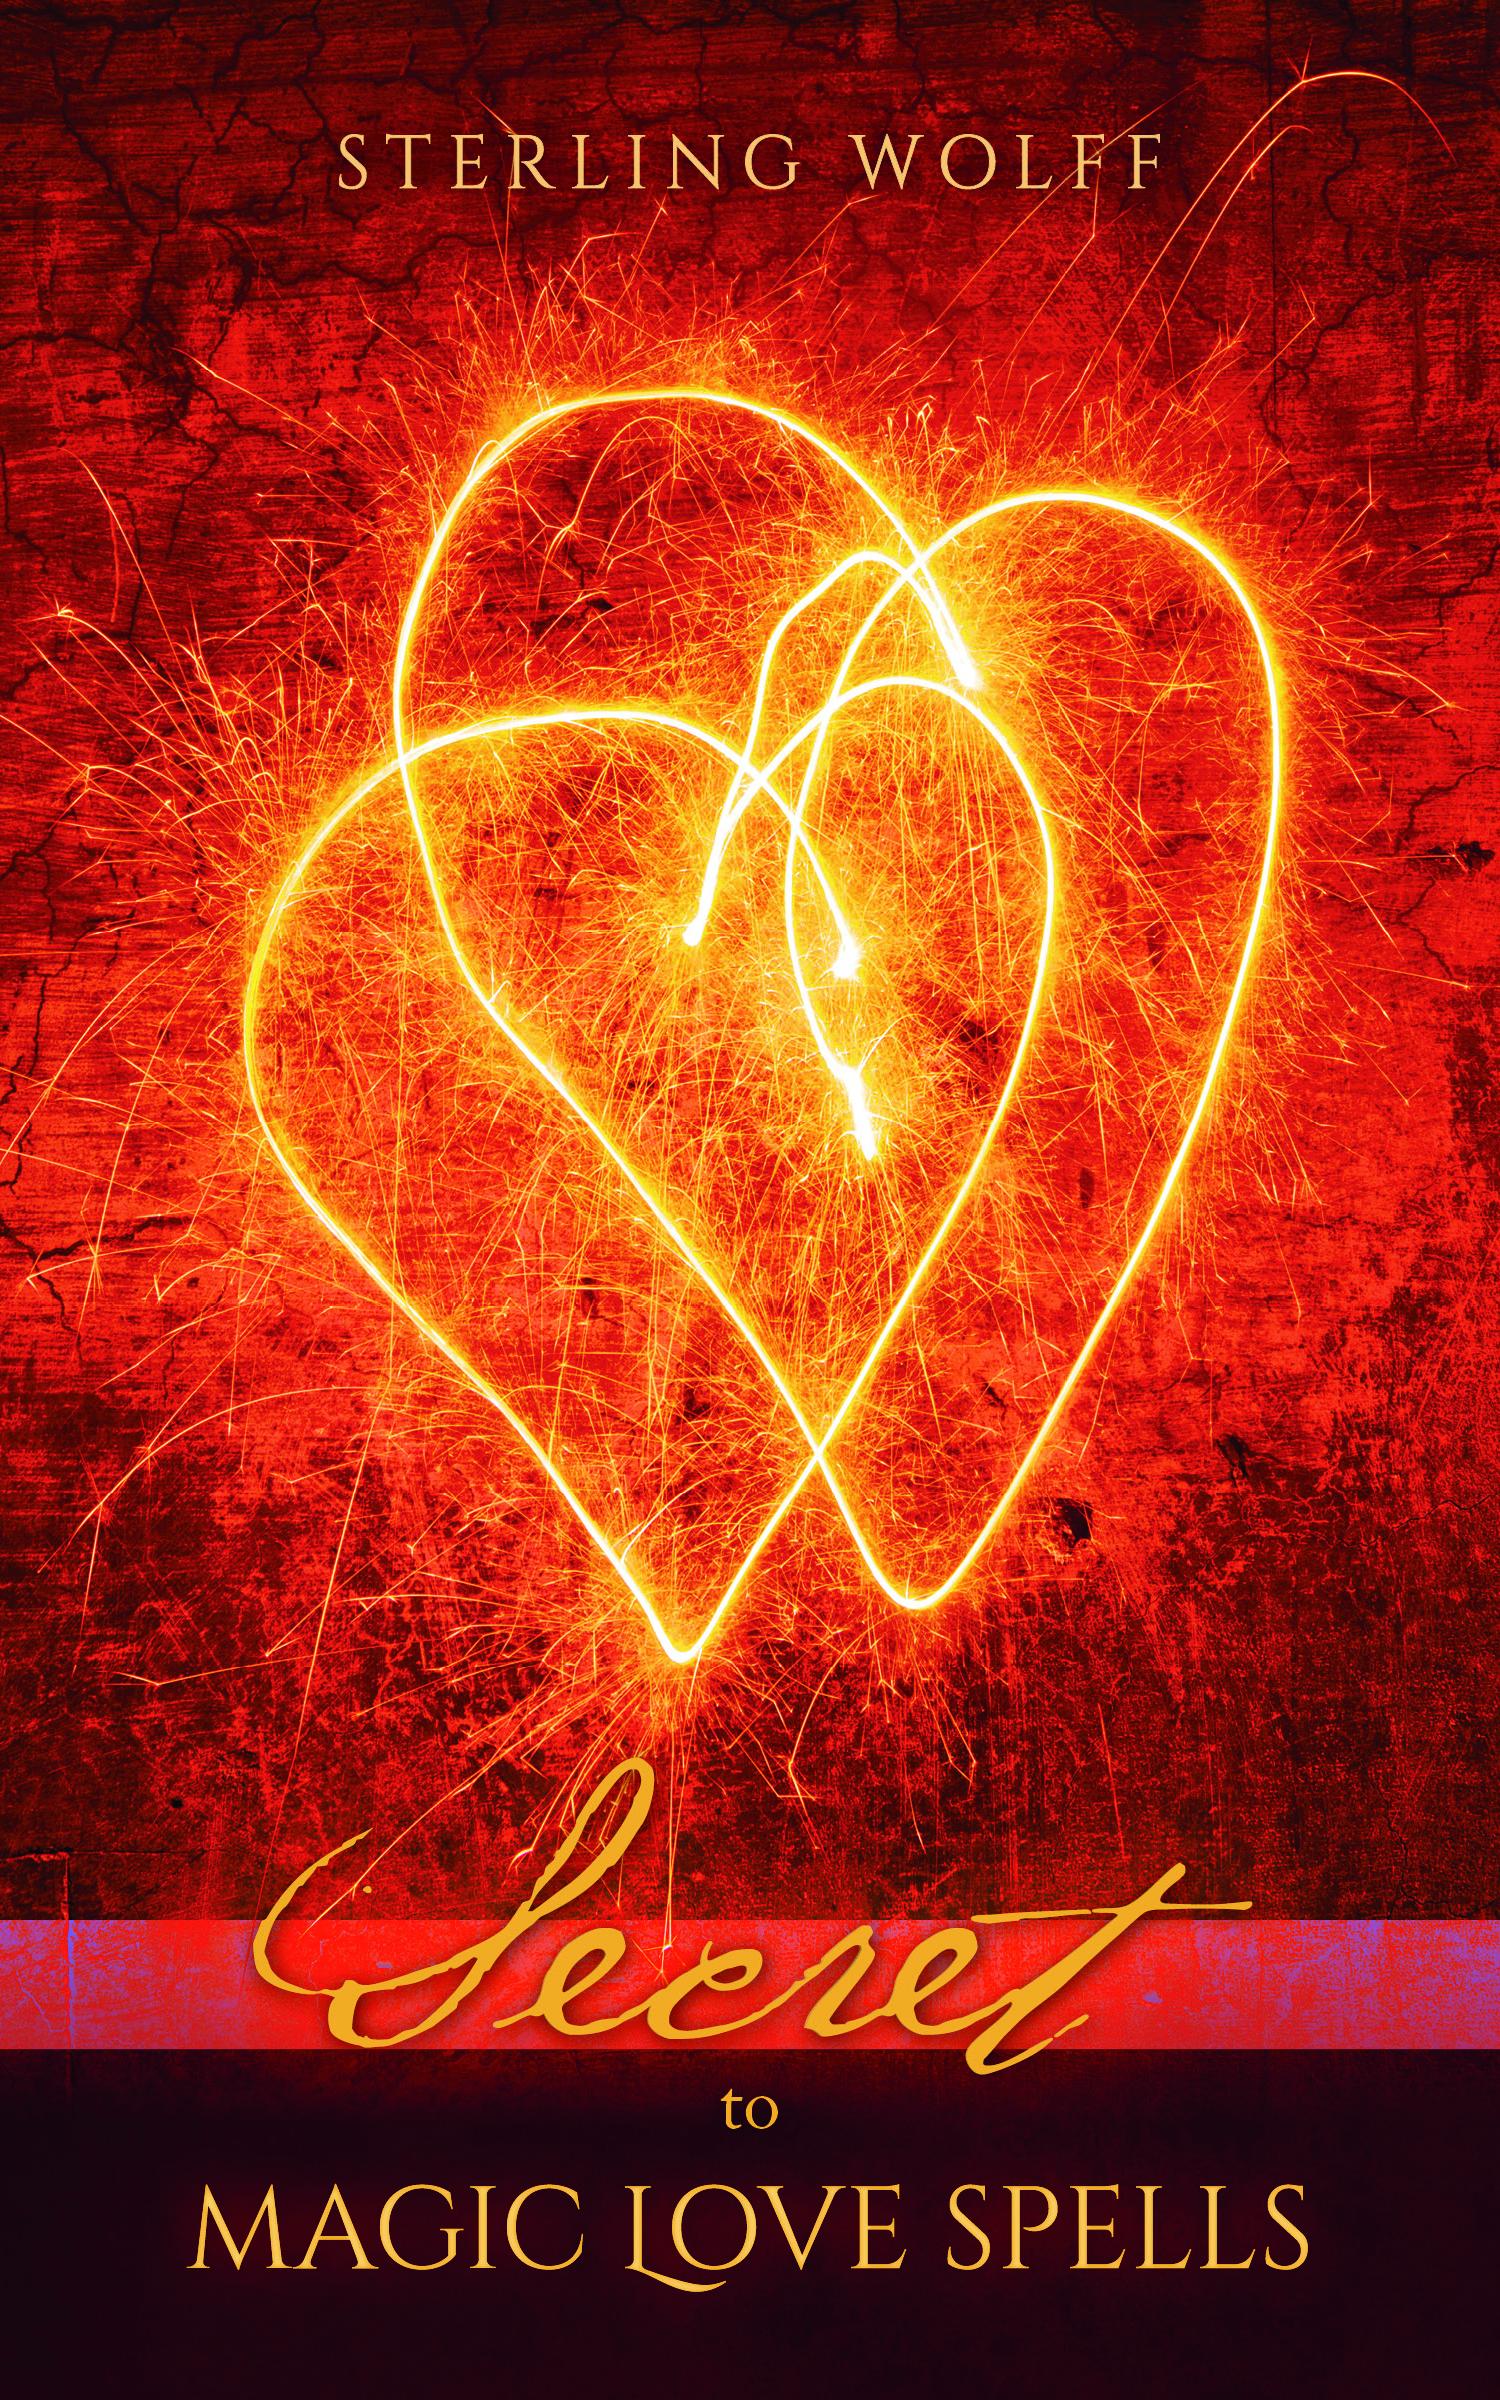 SECRET TO MAGIC LOVE SPELLS